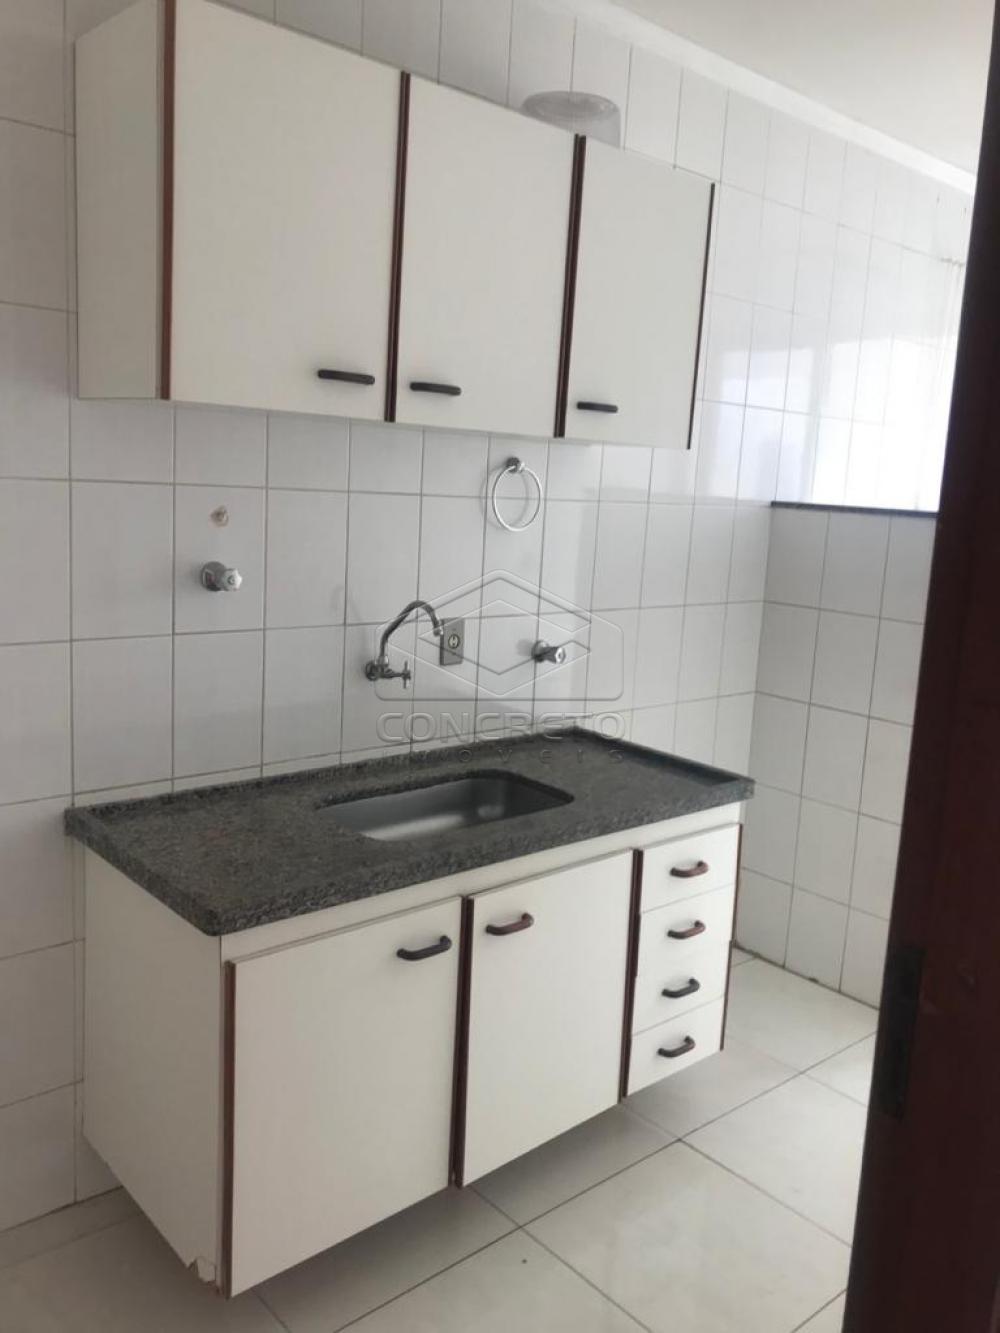 Alugar Apartamento / Padrão em Bauru R$ 700,00 - Foto 1